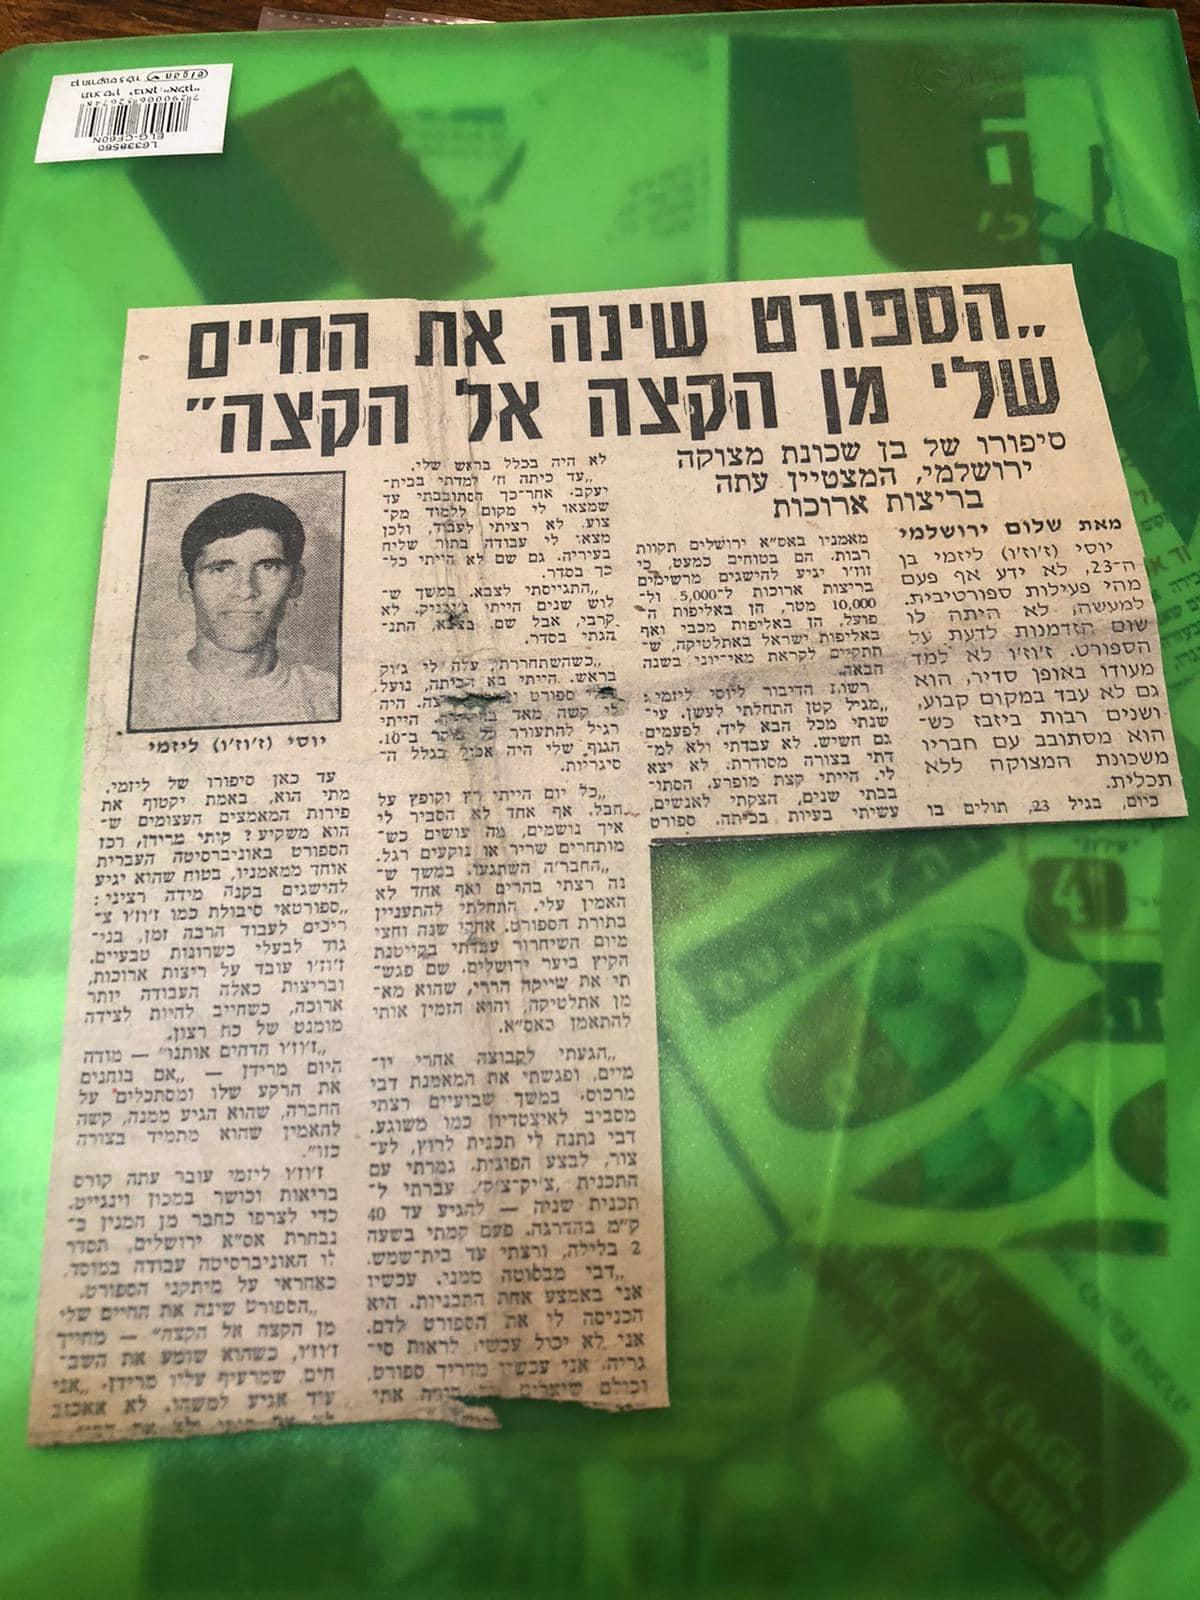 """גזיר עיתון מ""""חדשות הספורט"""" עם הכתבה של שלום ירושלמי על יוסי (ז'וז'ו) ליזמי בתחילת שנות ה-80"""